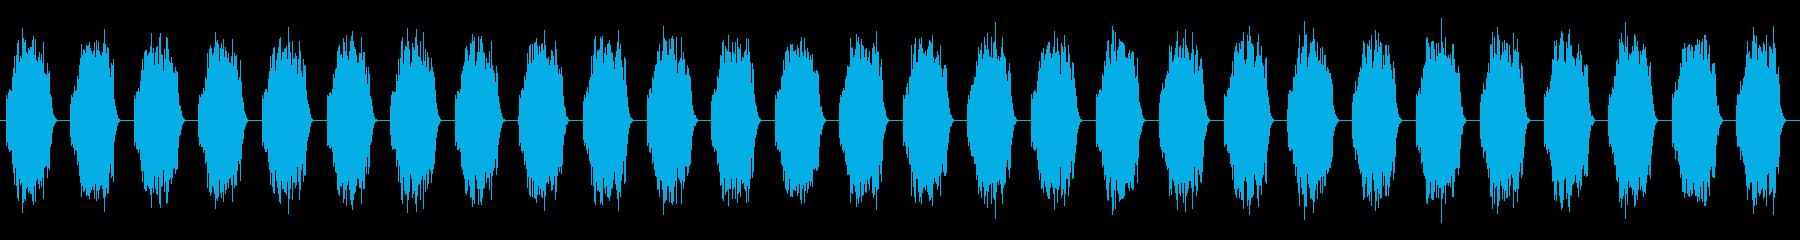 ソナ宇宙船:クラクソンアラームの再生済みの波形